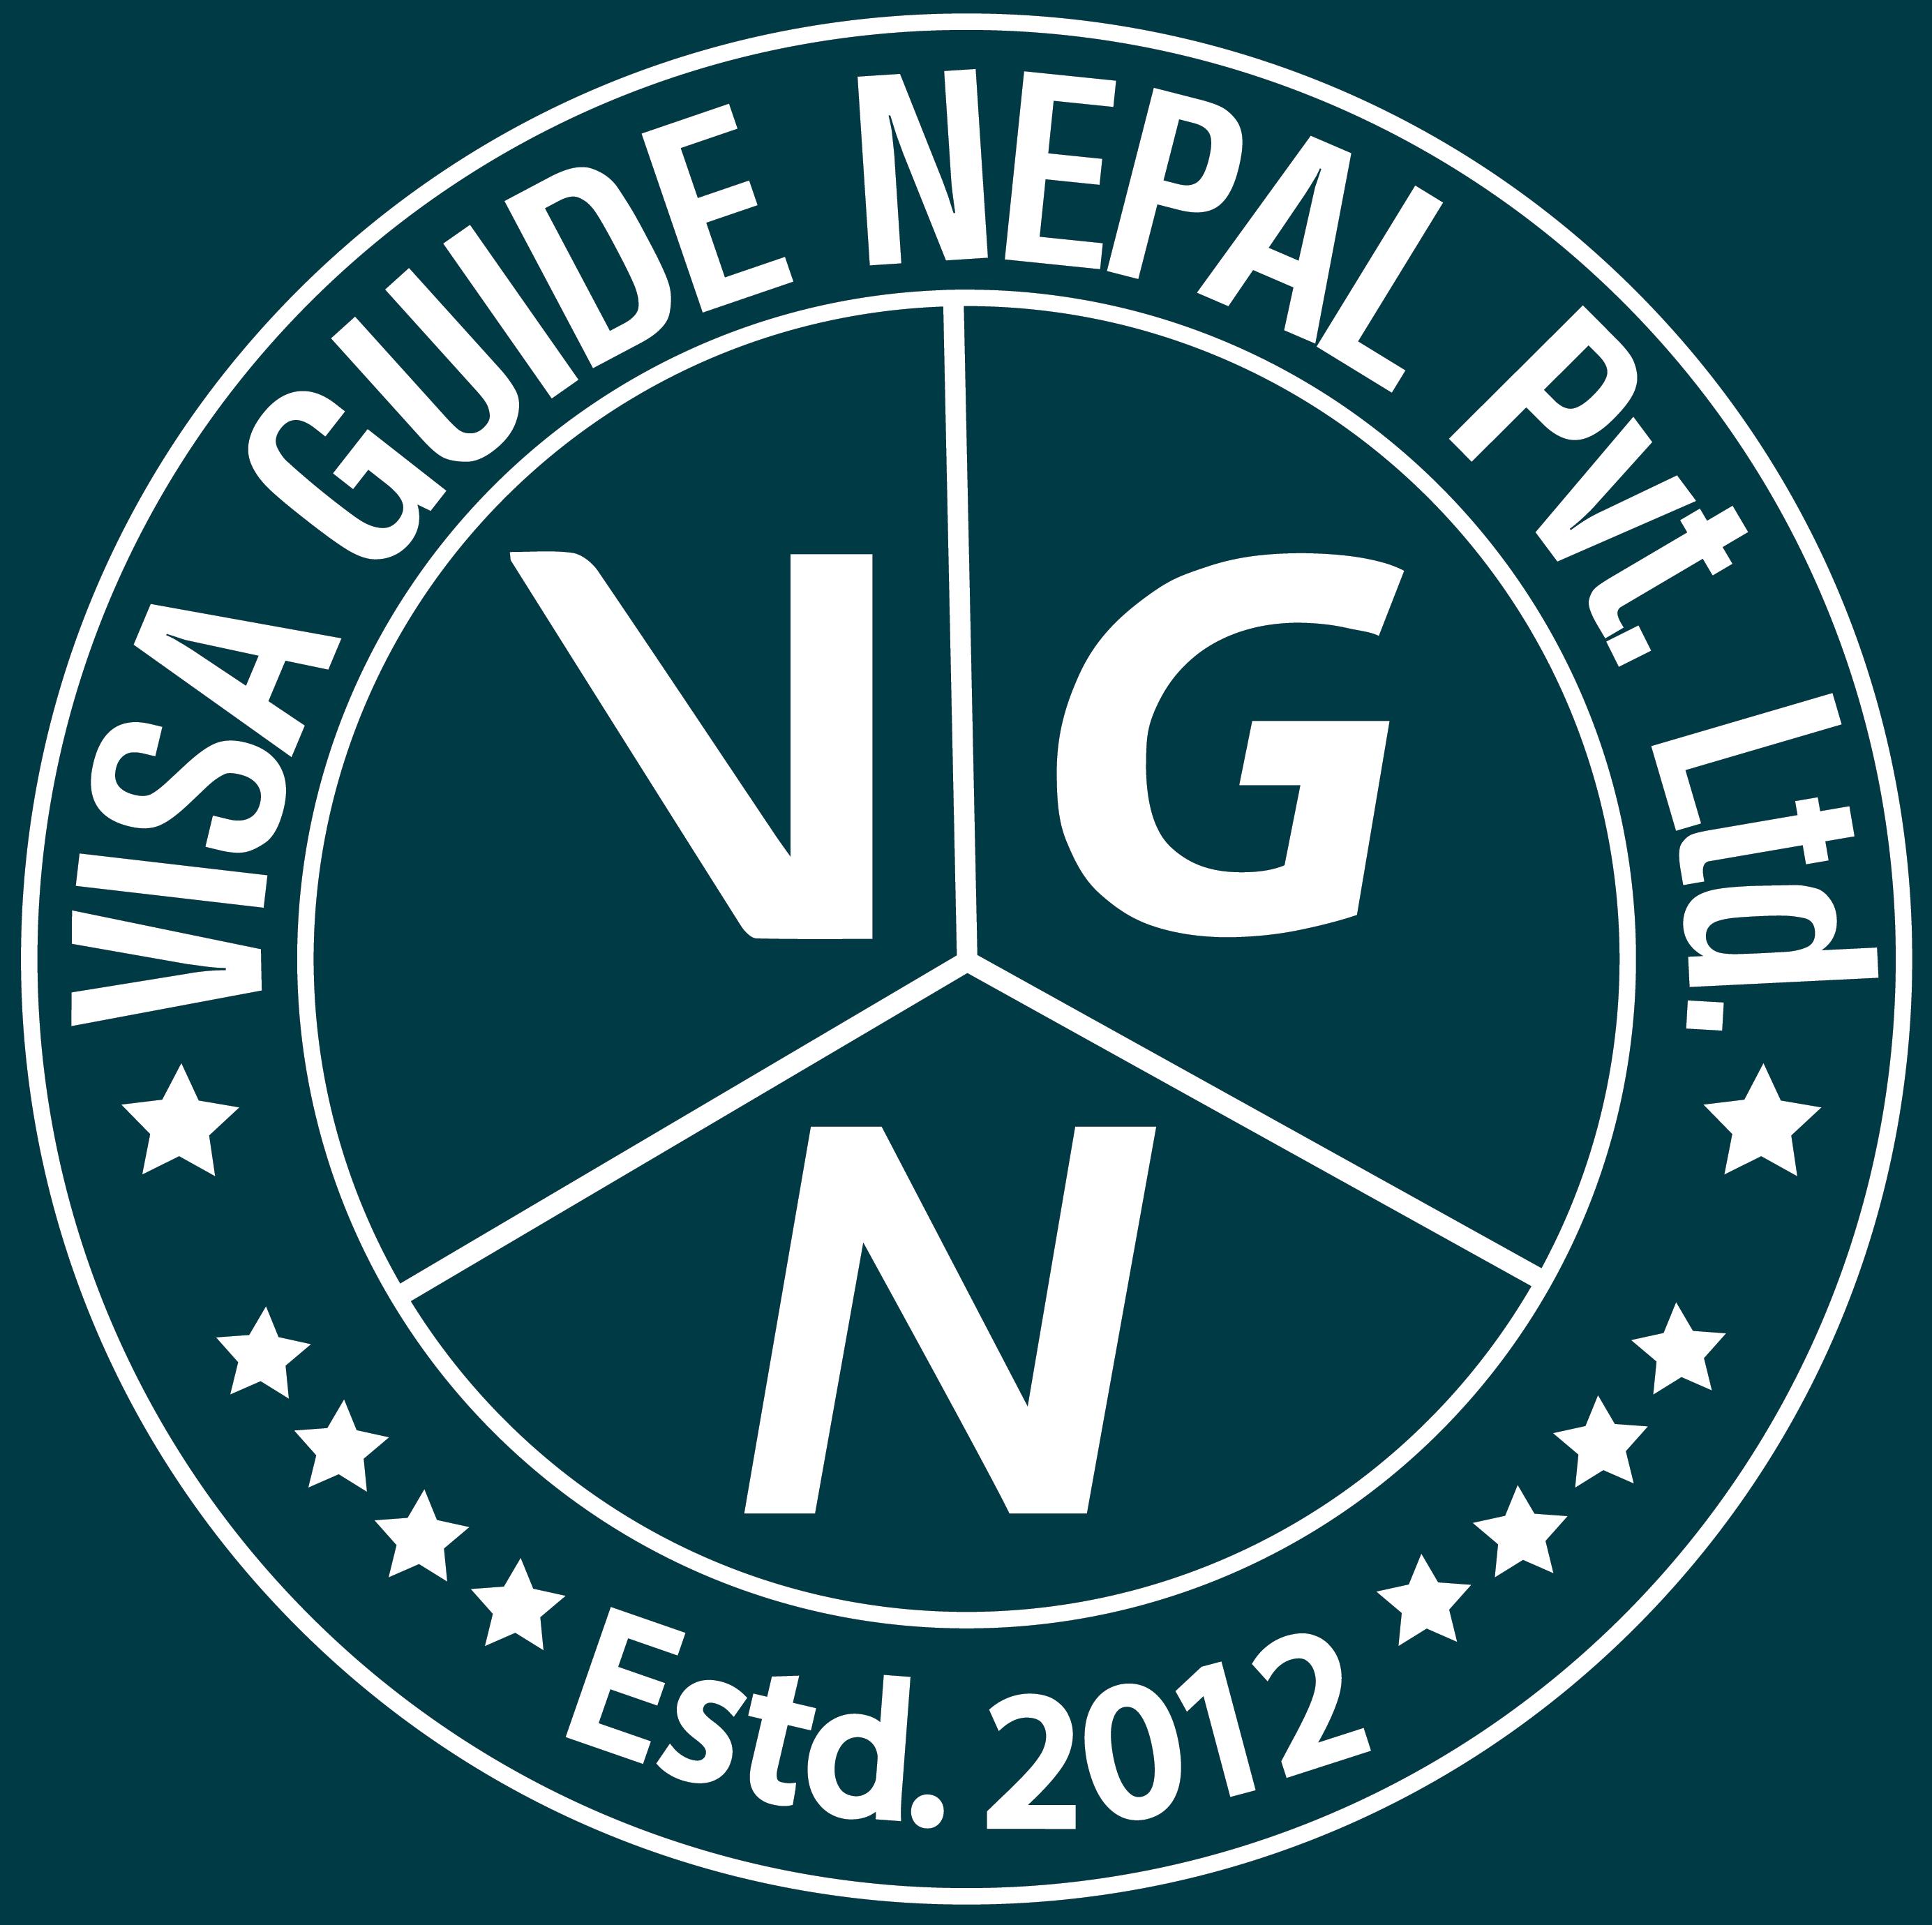 Visa Guide Nepal